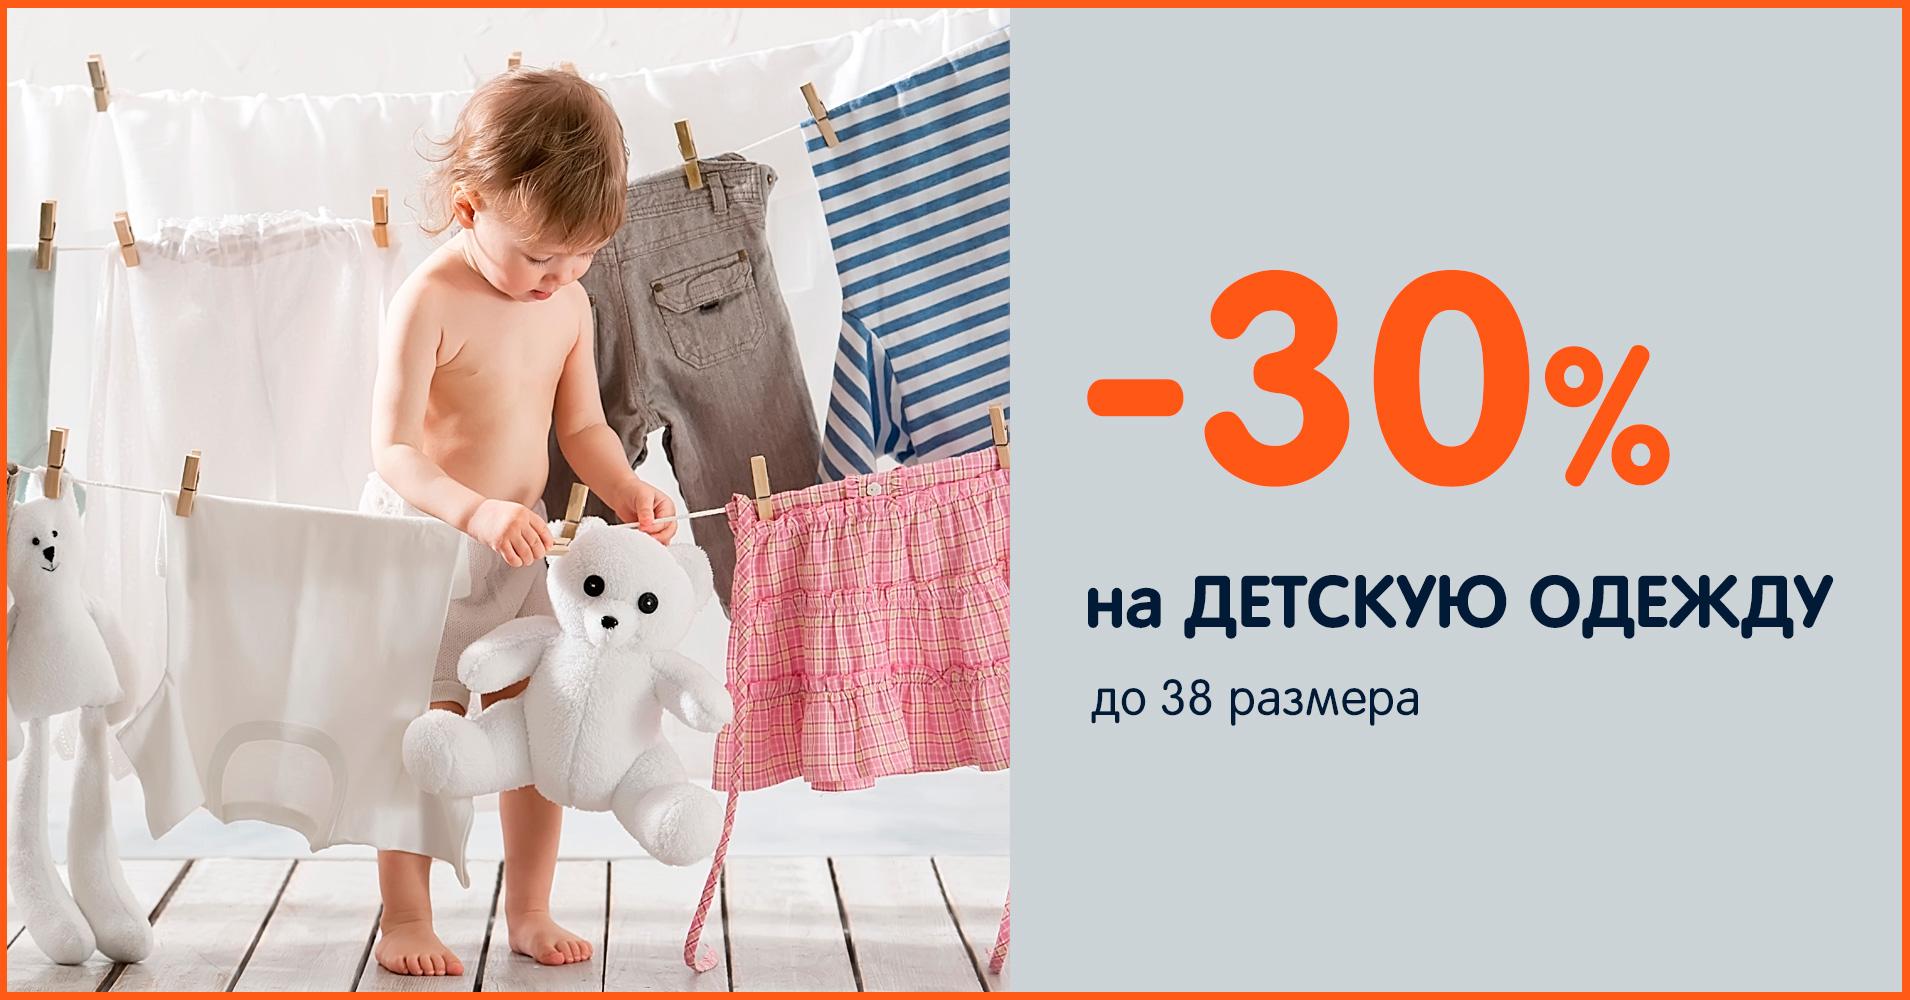 акция детской одежды 1910х1000